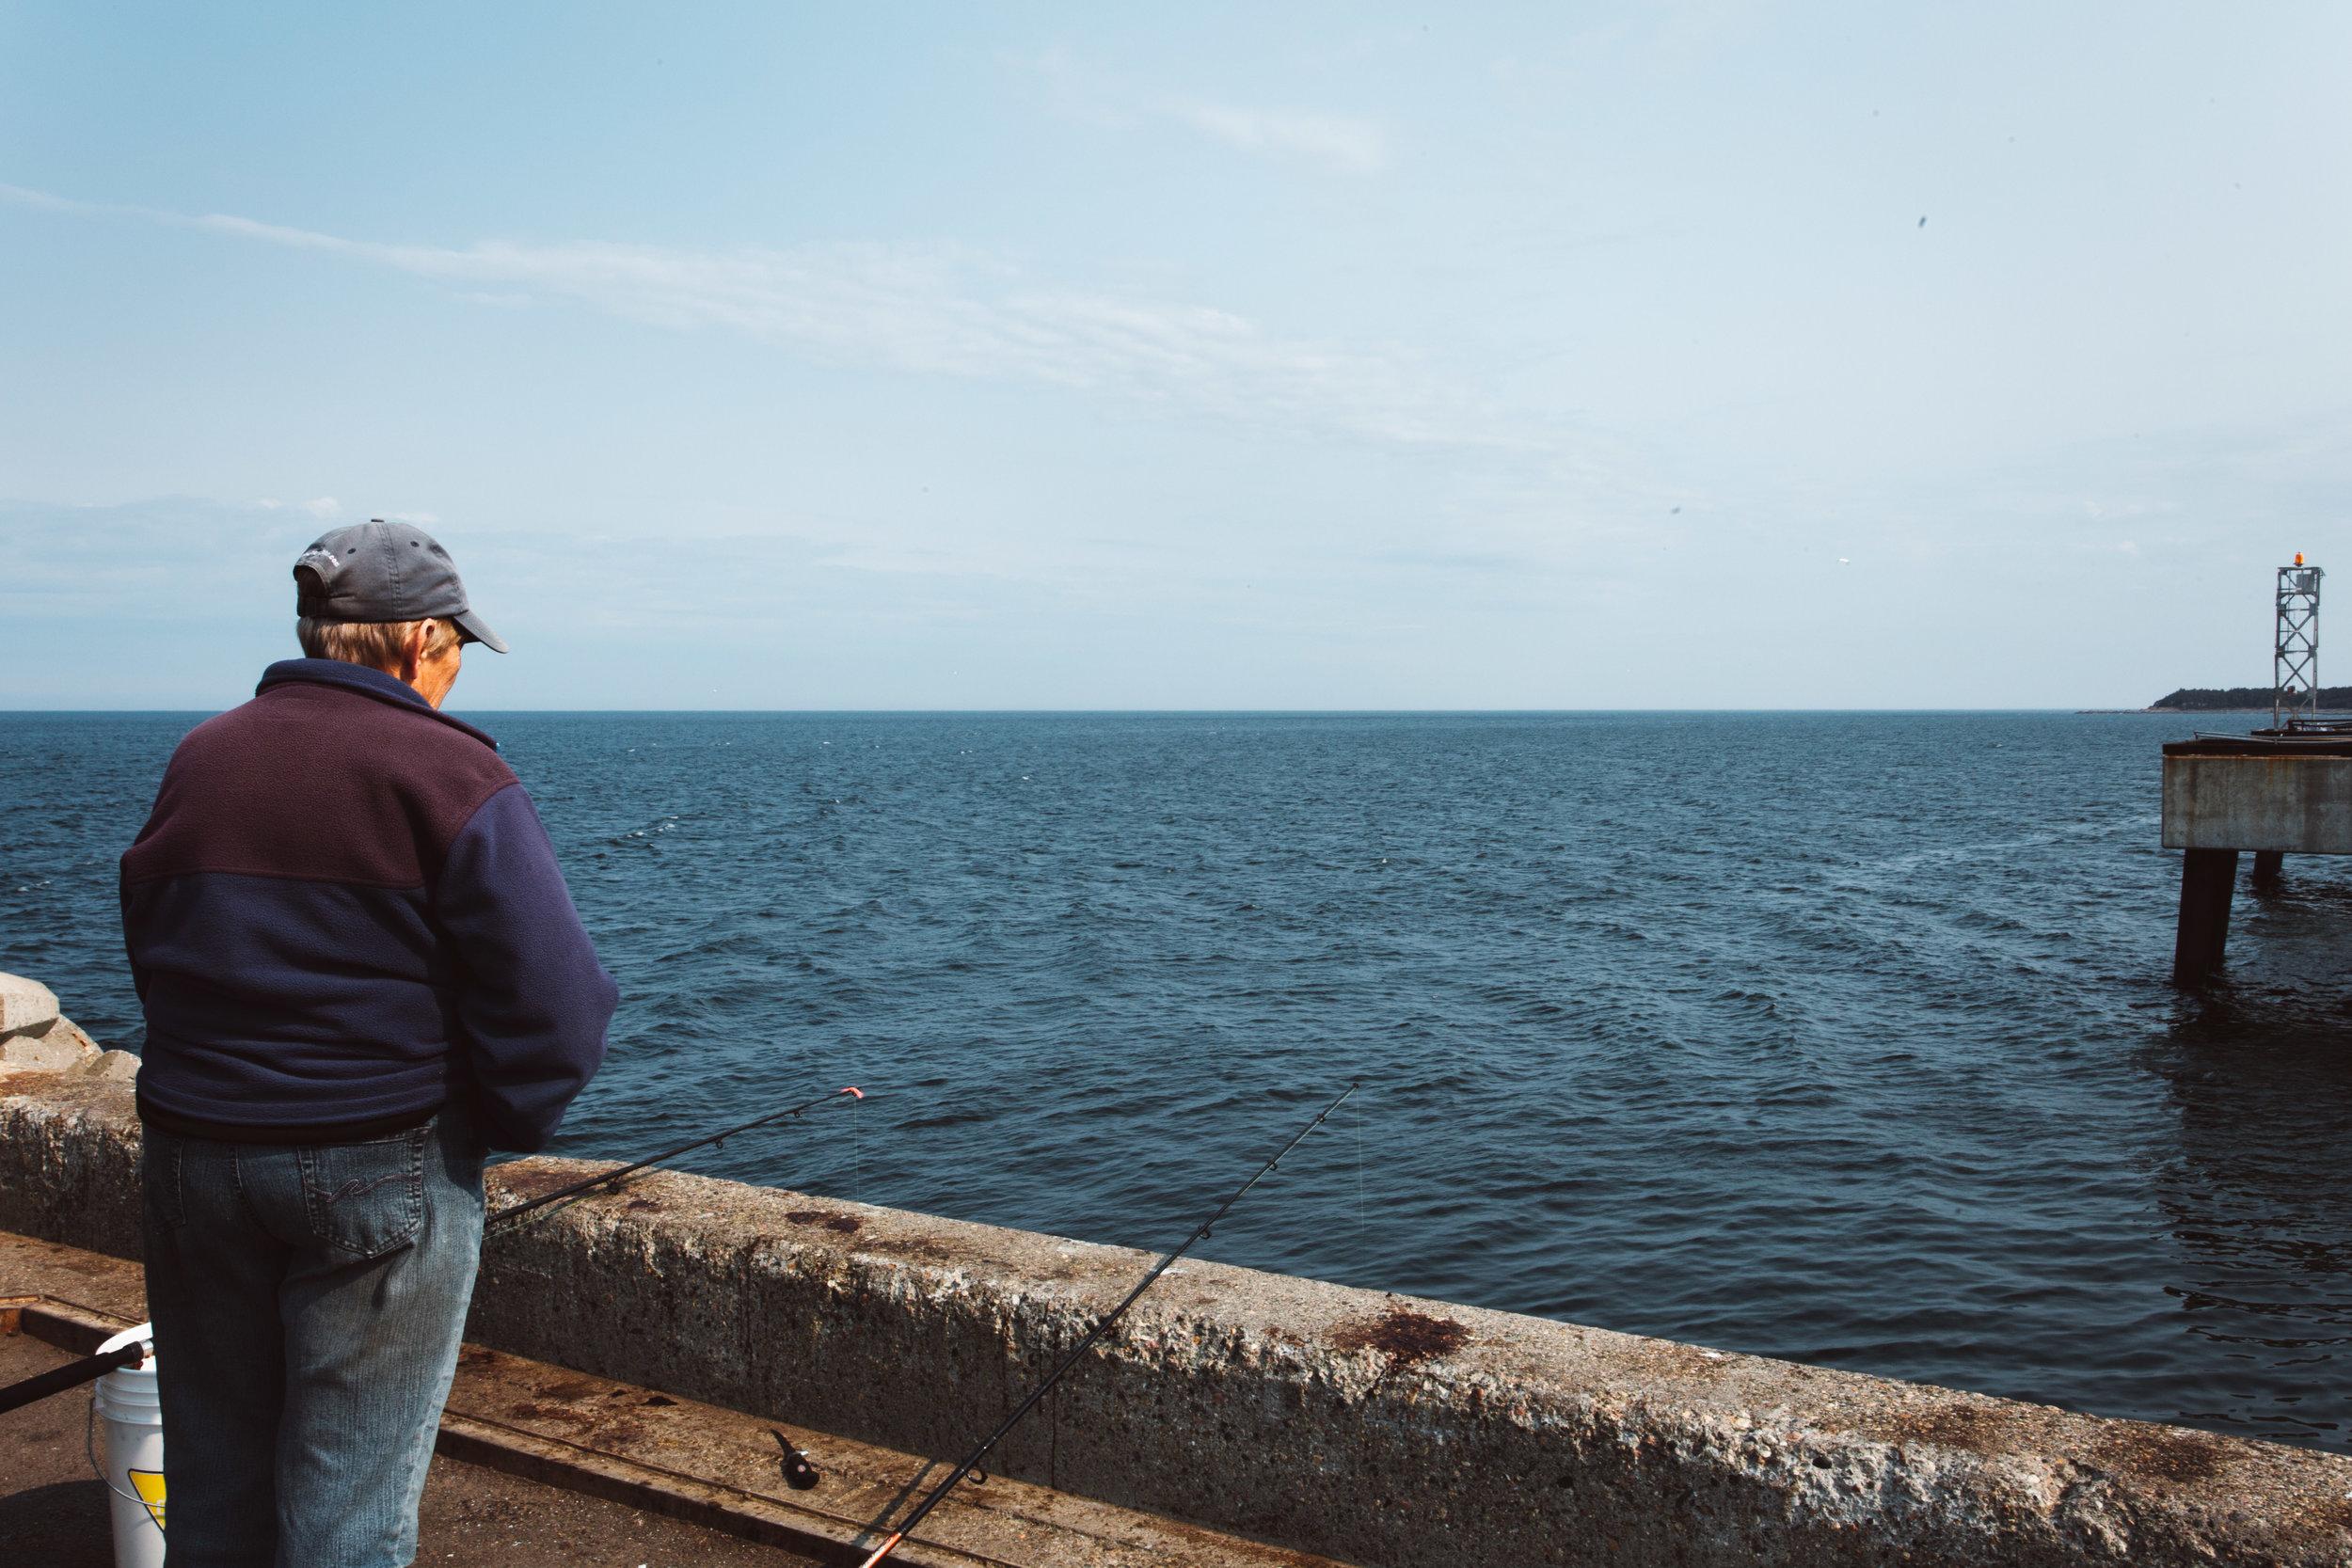 Pêche - La pêche aux macros est très populaire dans la région. Que se soit du quaie ou de la rive, le poisson y est présent en abondance.